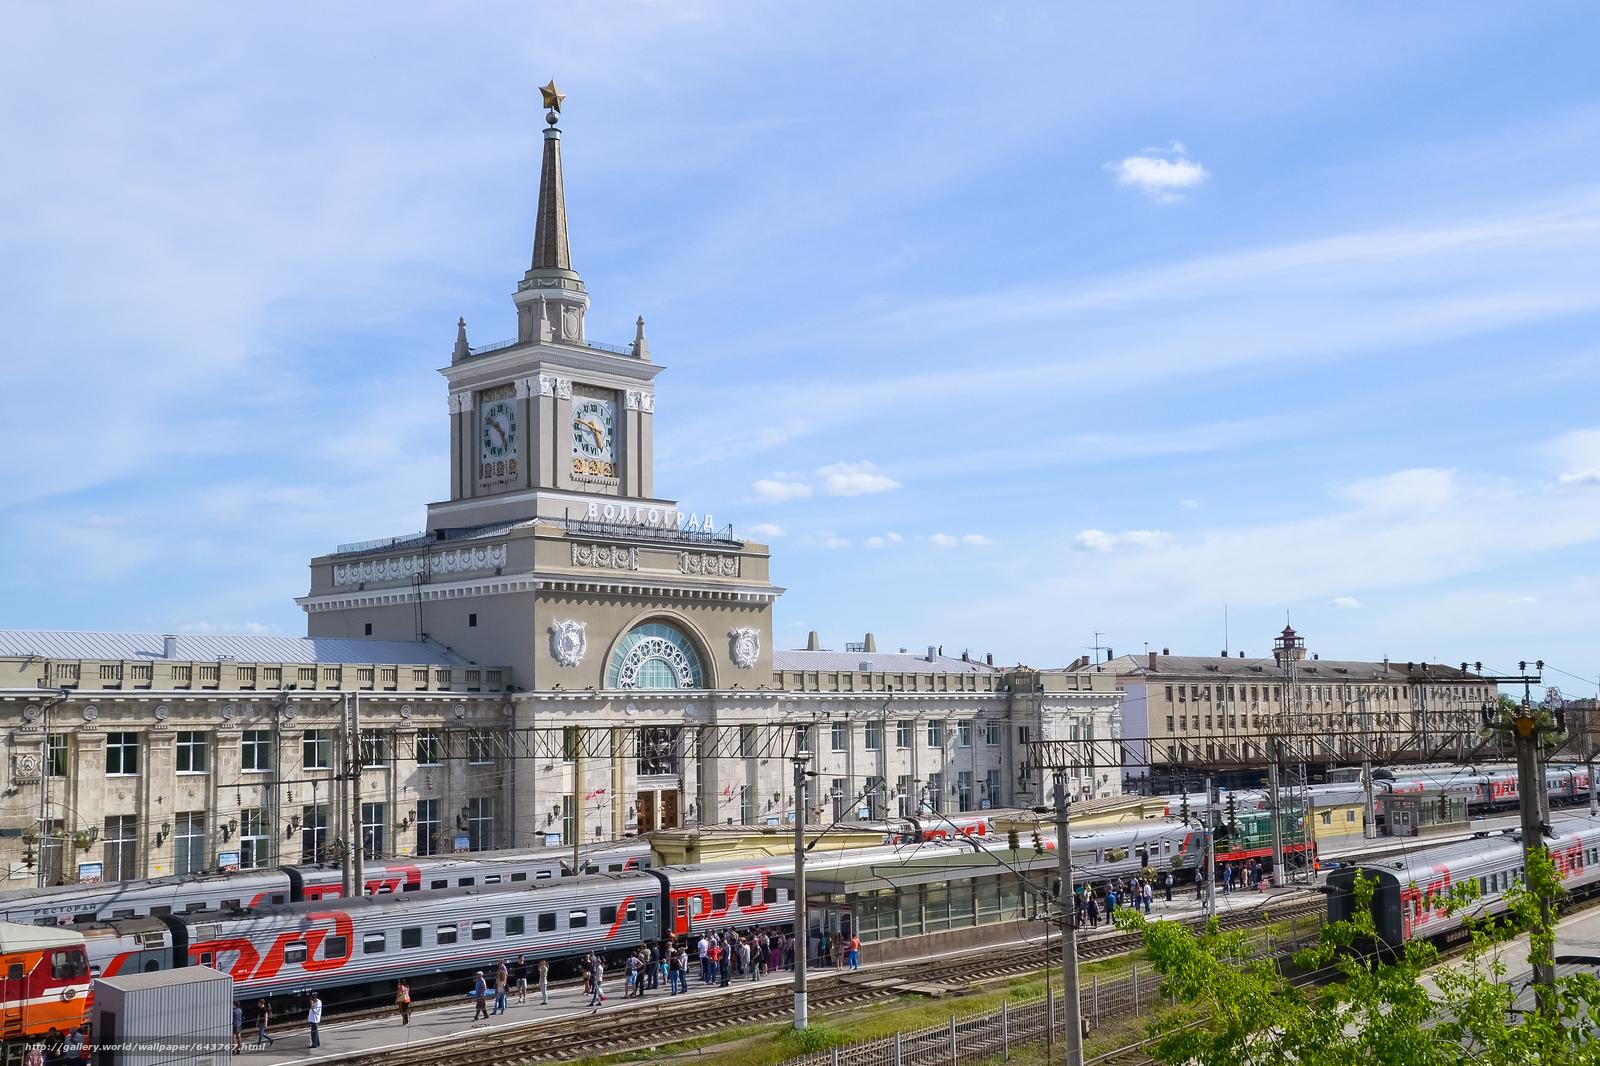 下载壁纸 火车站,  城市,  伏尔加格勒,  俄国 免费为您的桌面分辨率的壁纸 4273x2848 — 图片 №643767